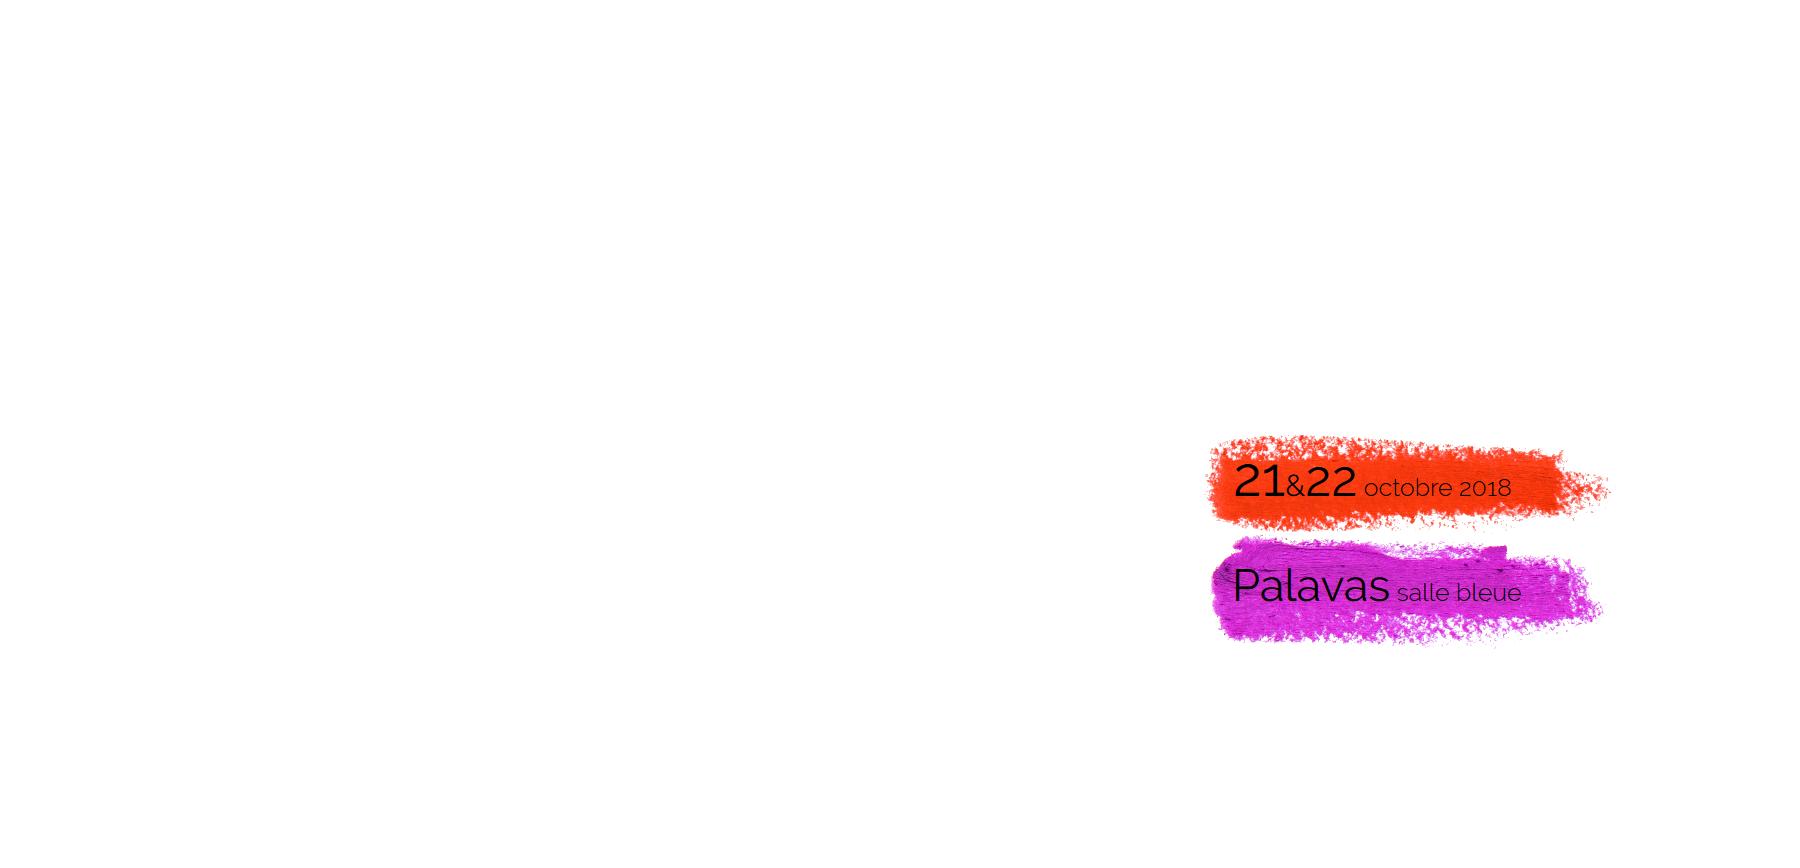 Slider-palavas-2018-3